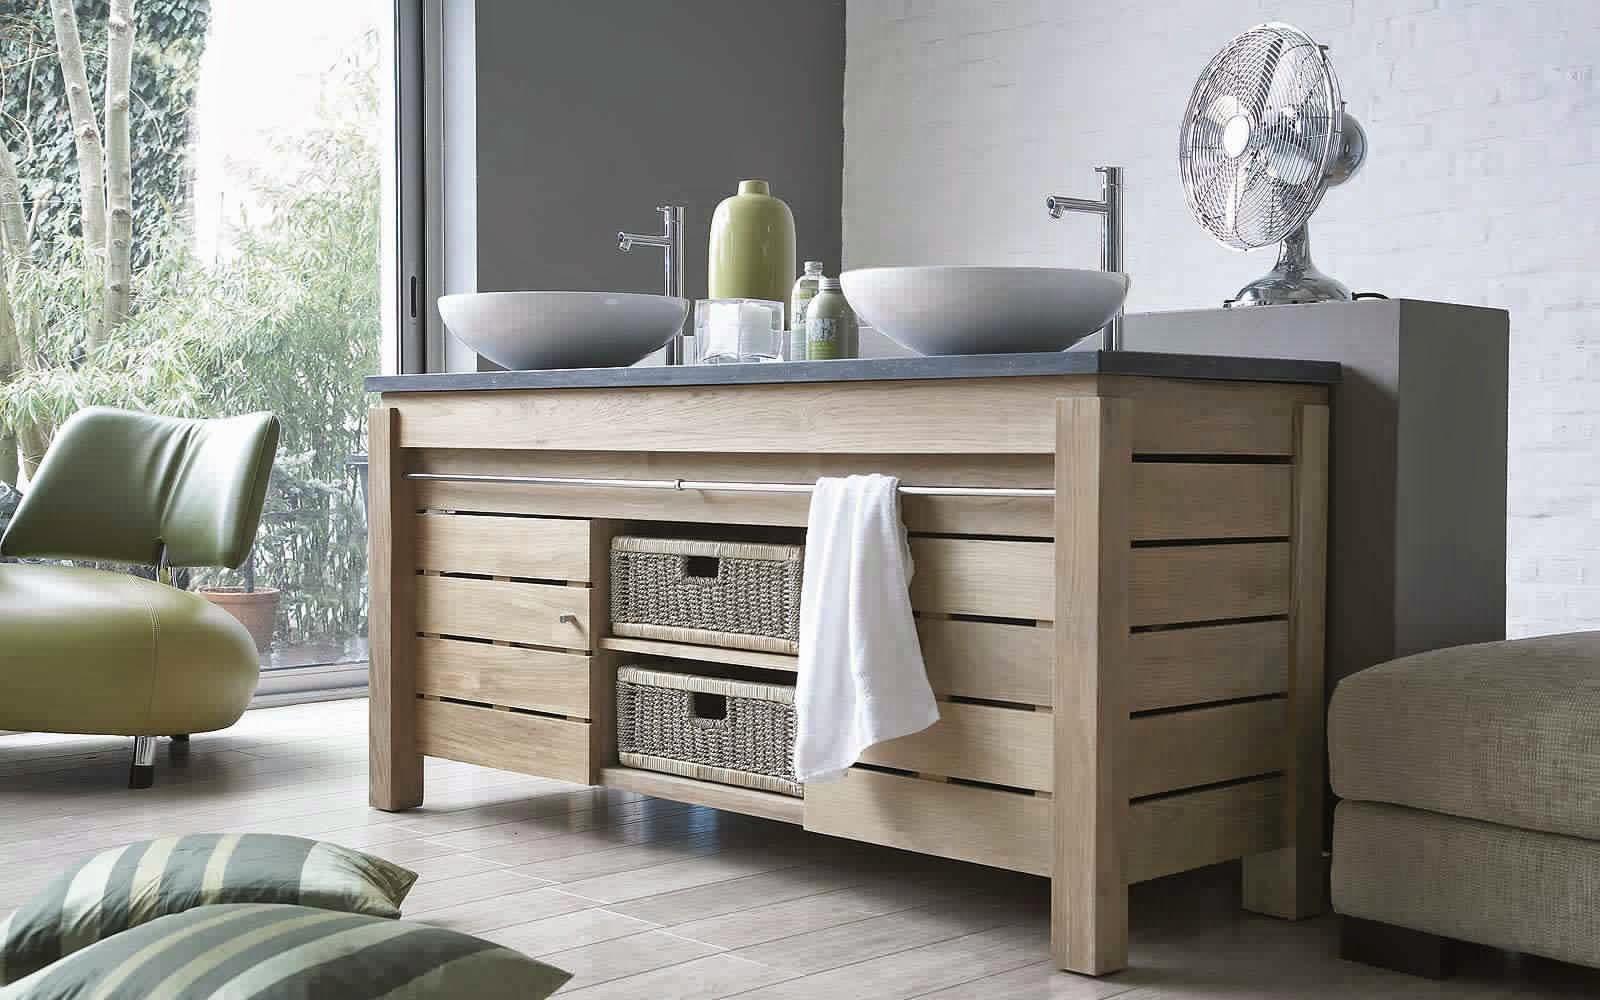 meuble de salle de bain en bois meuble d coration maison. Black Bedroom Furniture Sets. Home Design Ideas